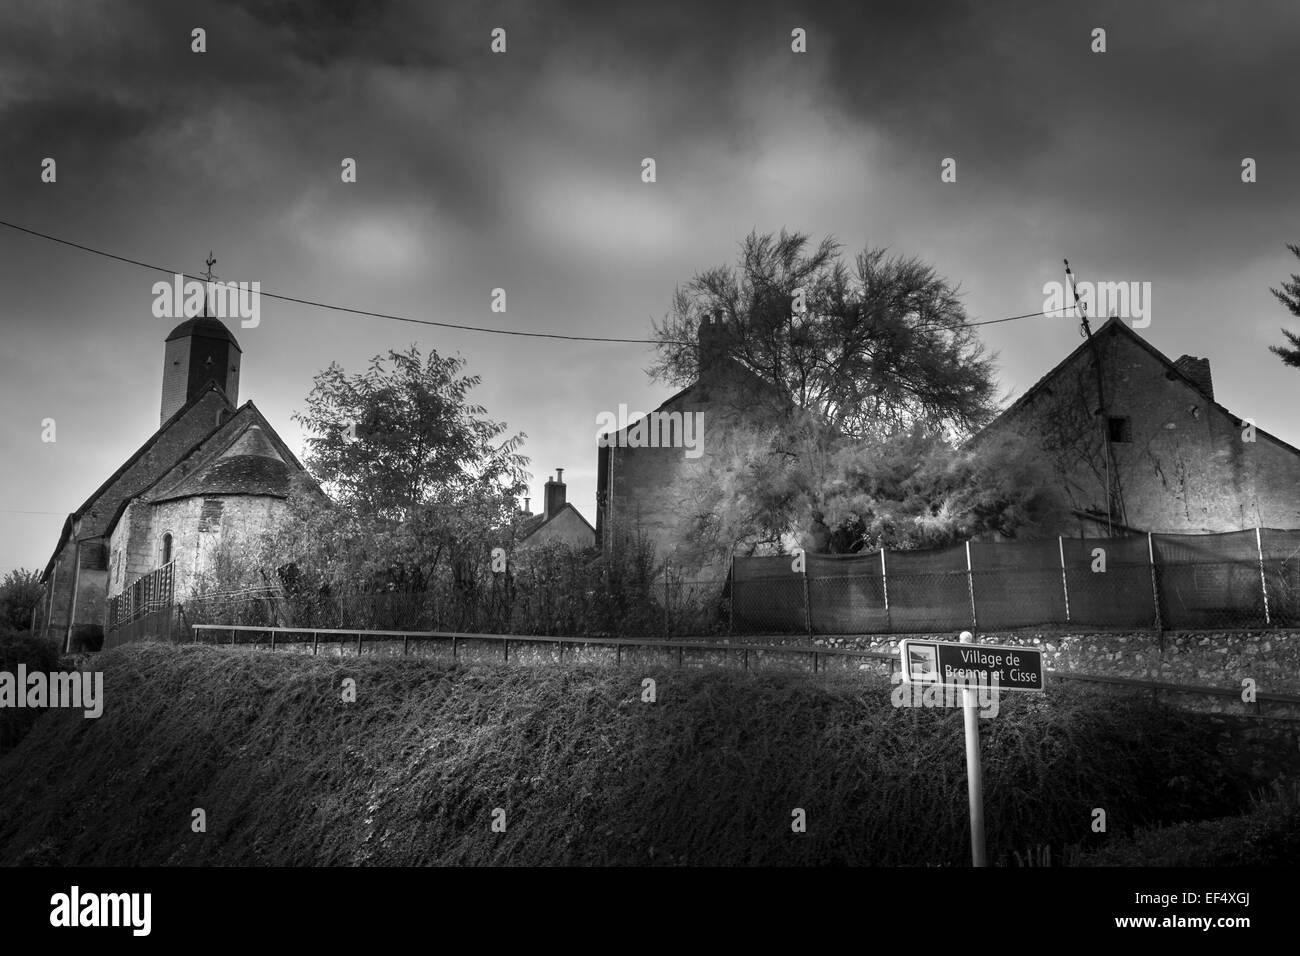 Bâtiments assis sur une colline, neuille-le-lierre village, Indre-et-Loire, France. Photo Stock